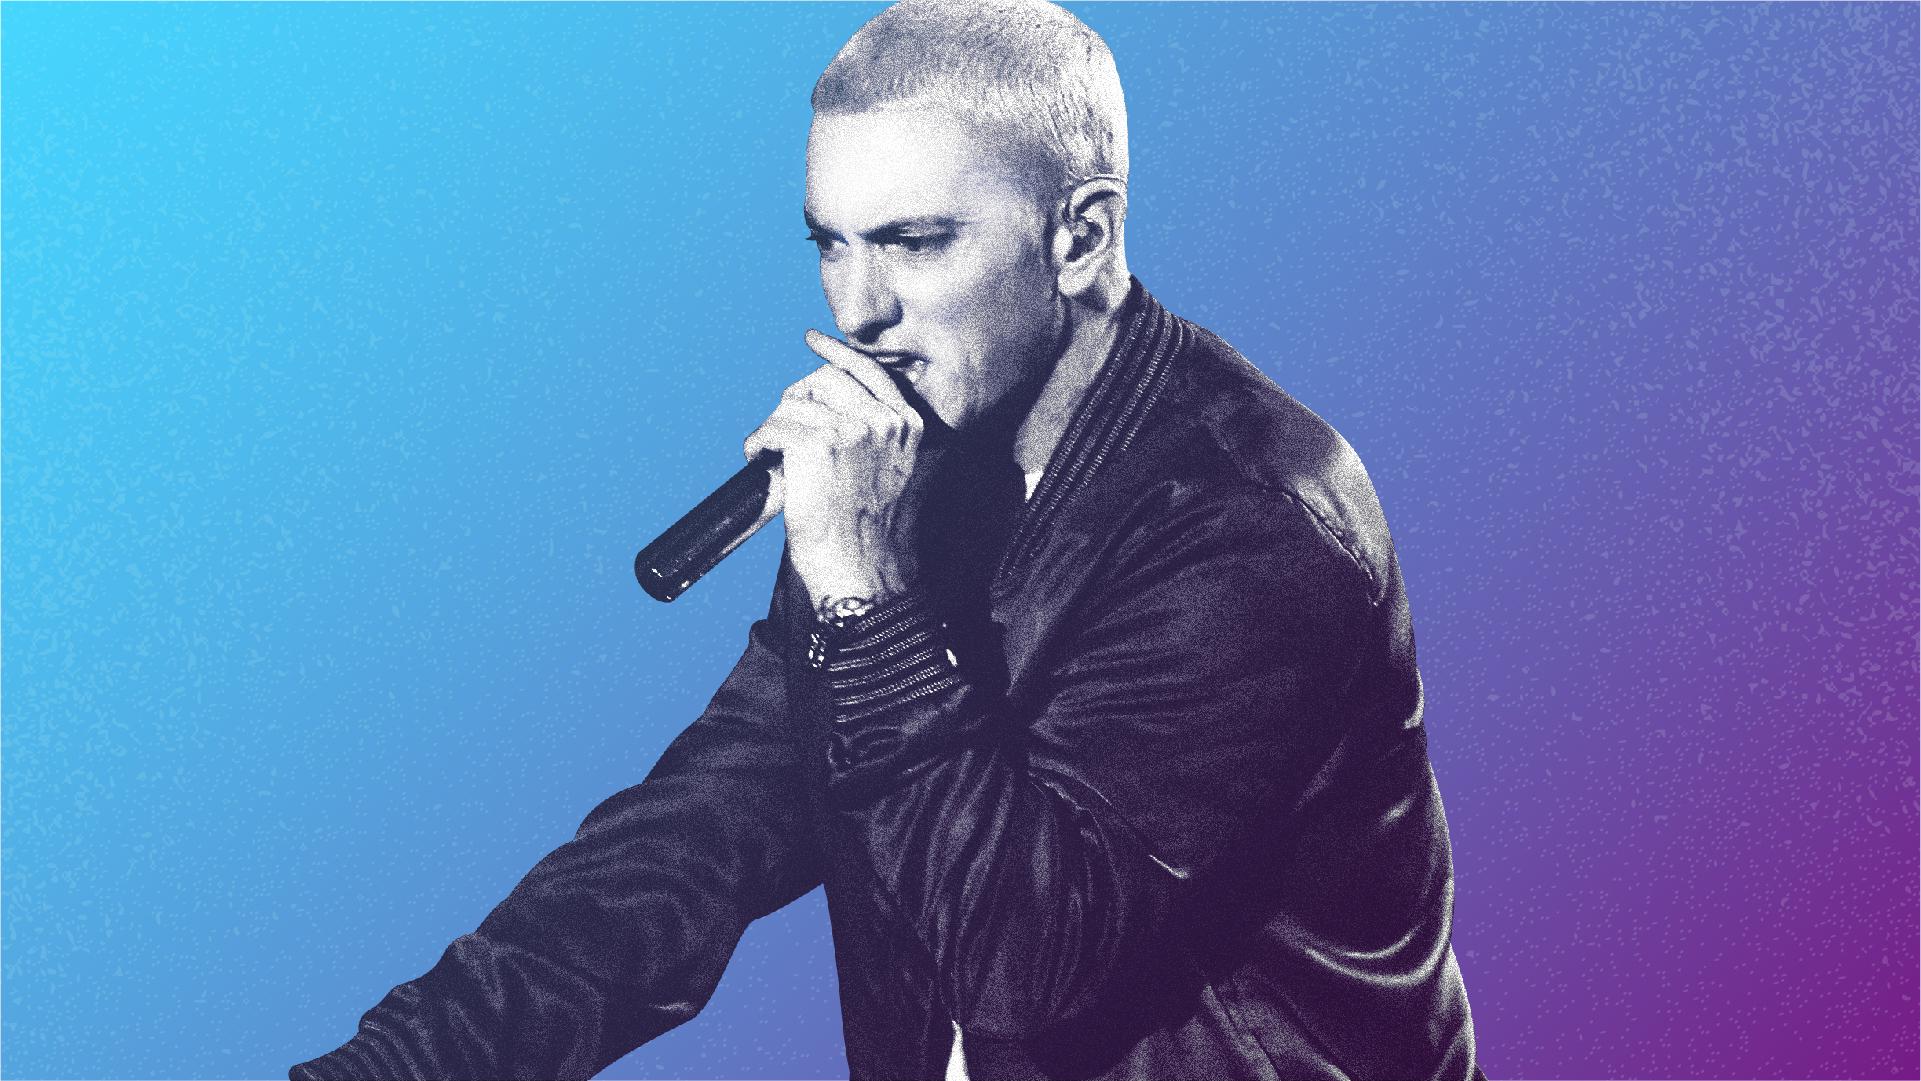 Slim Shady Throws Down: Eminem's Net Worth on His 45th Birthday